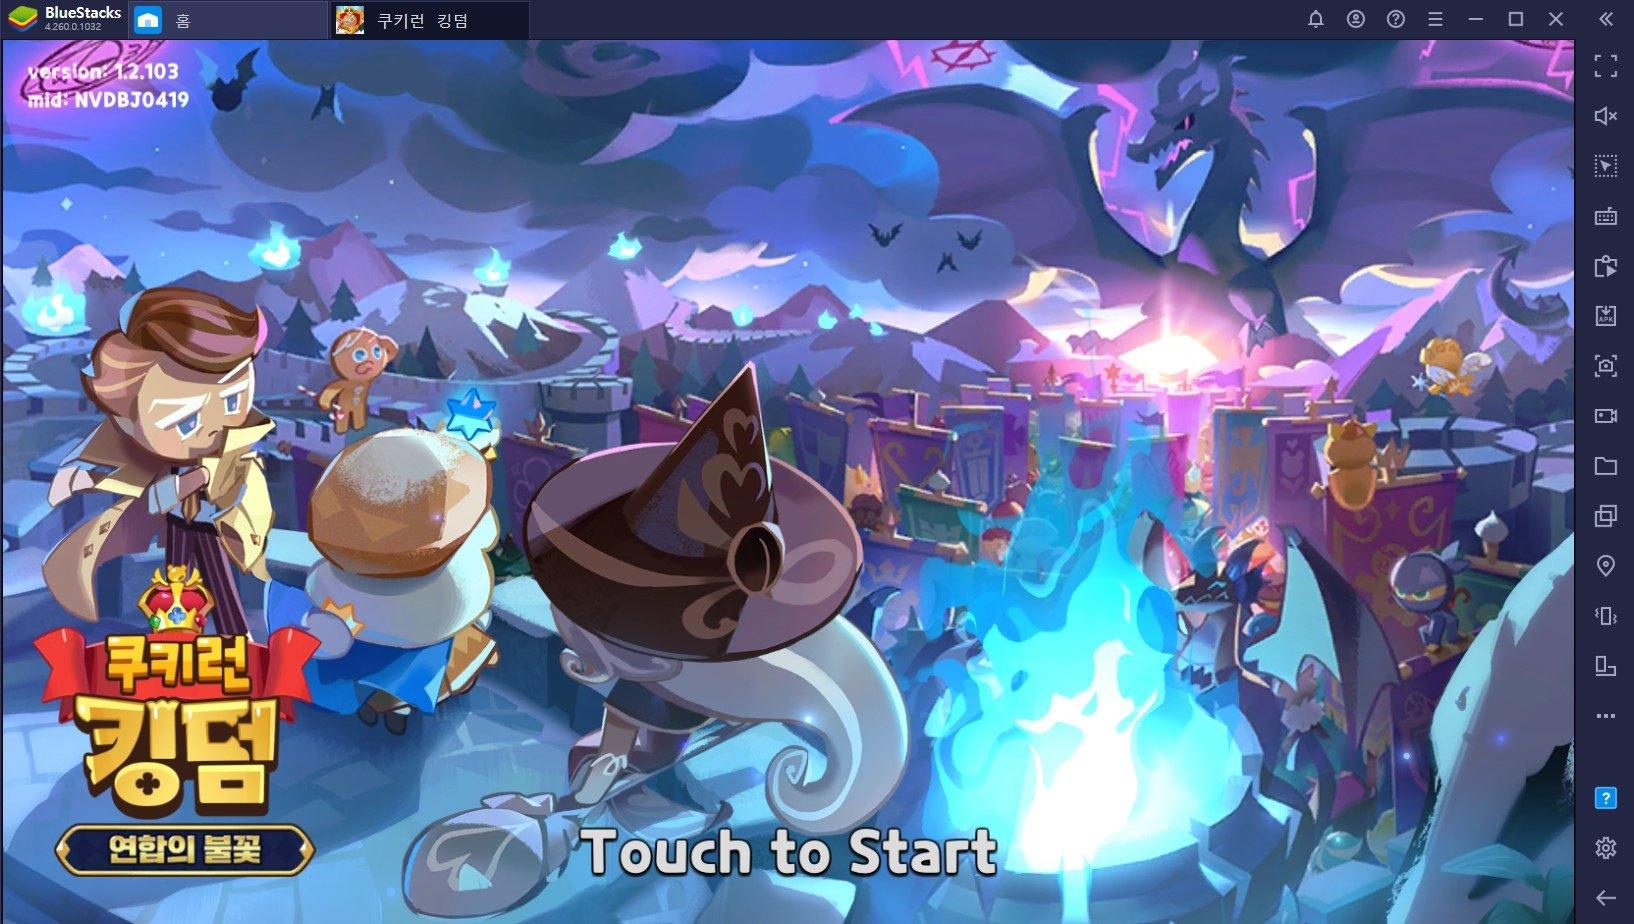 쿠키런: 킹덤 첫 대규모 업데이트 진행, 새로운 쿠키들을 PC로 만나봐요!